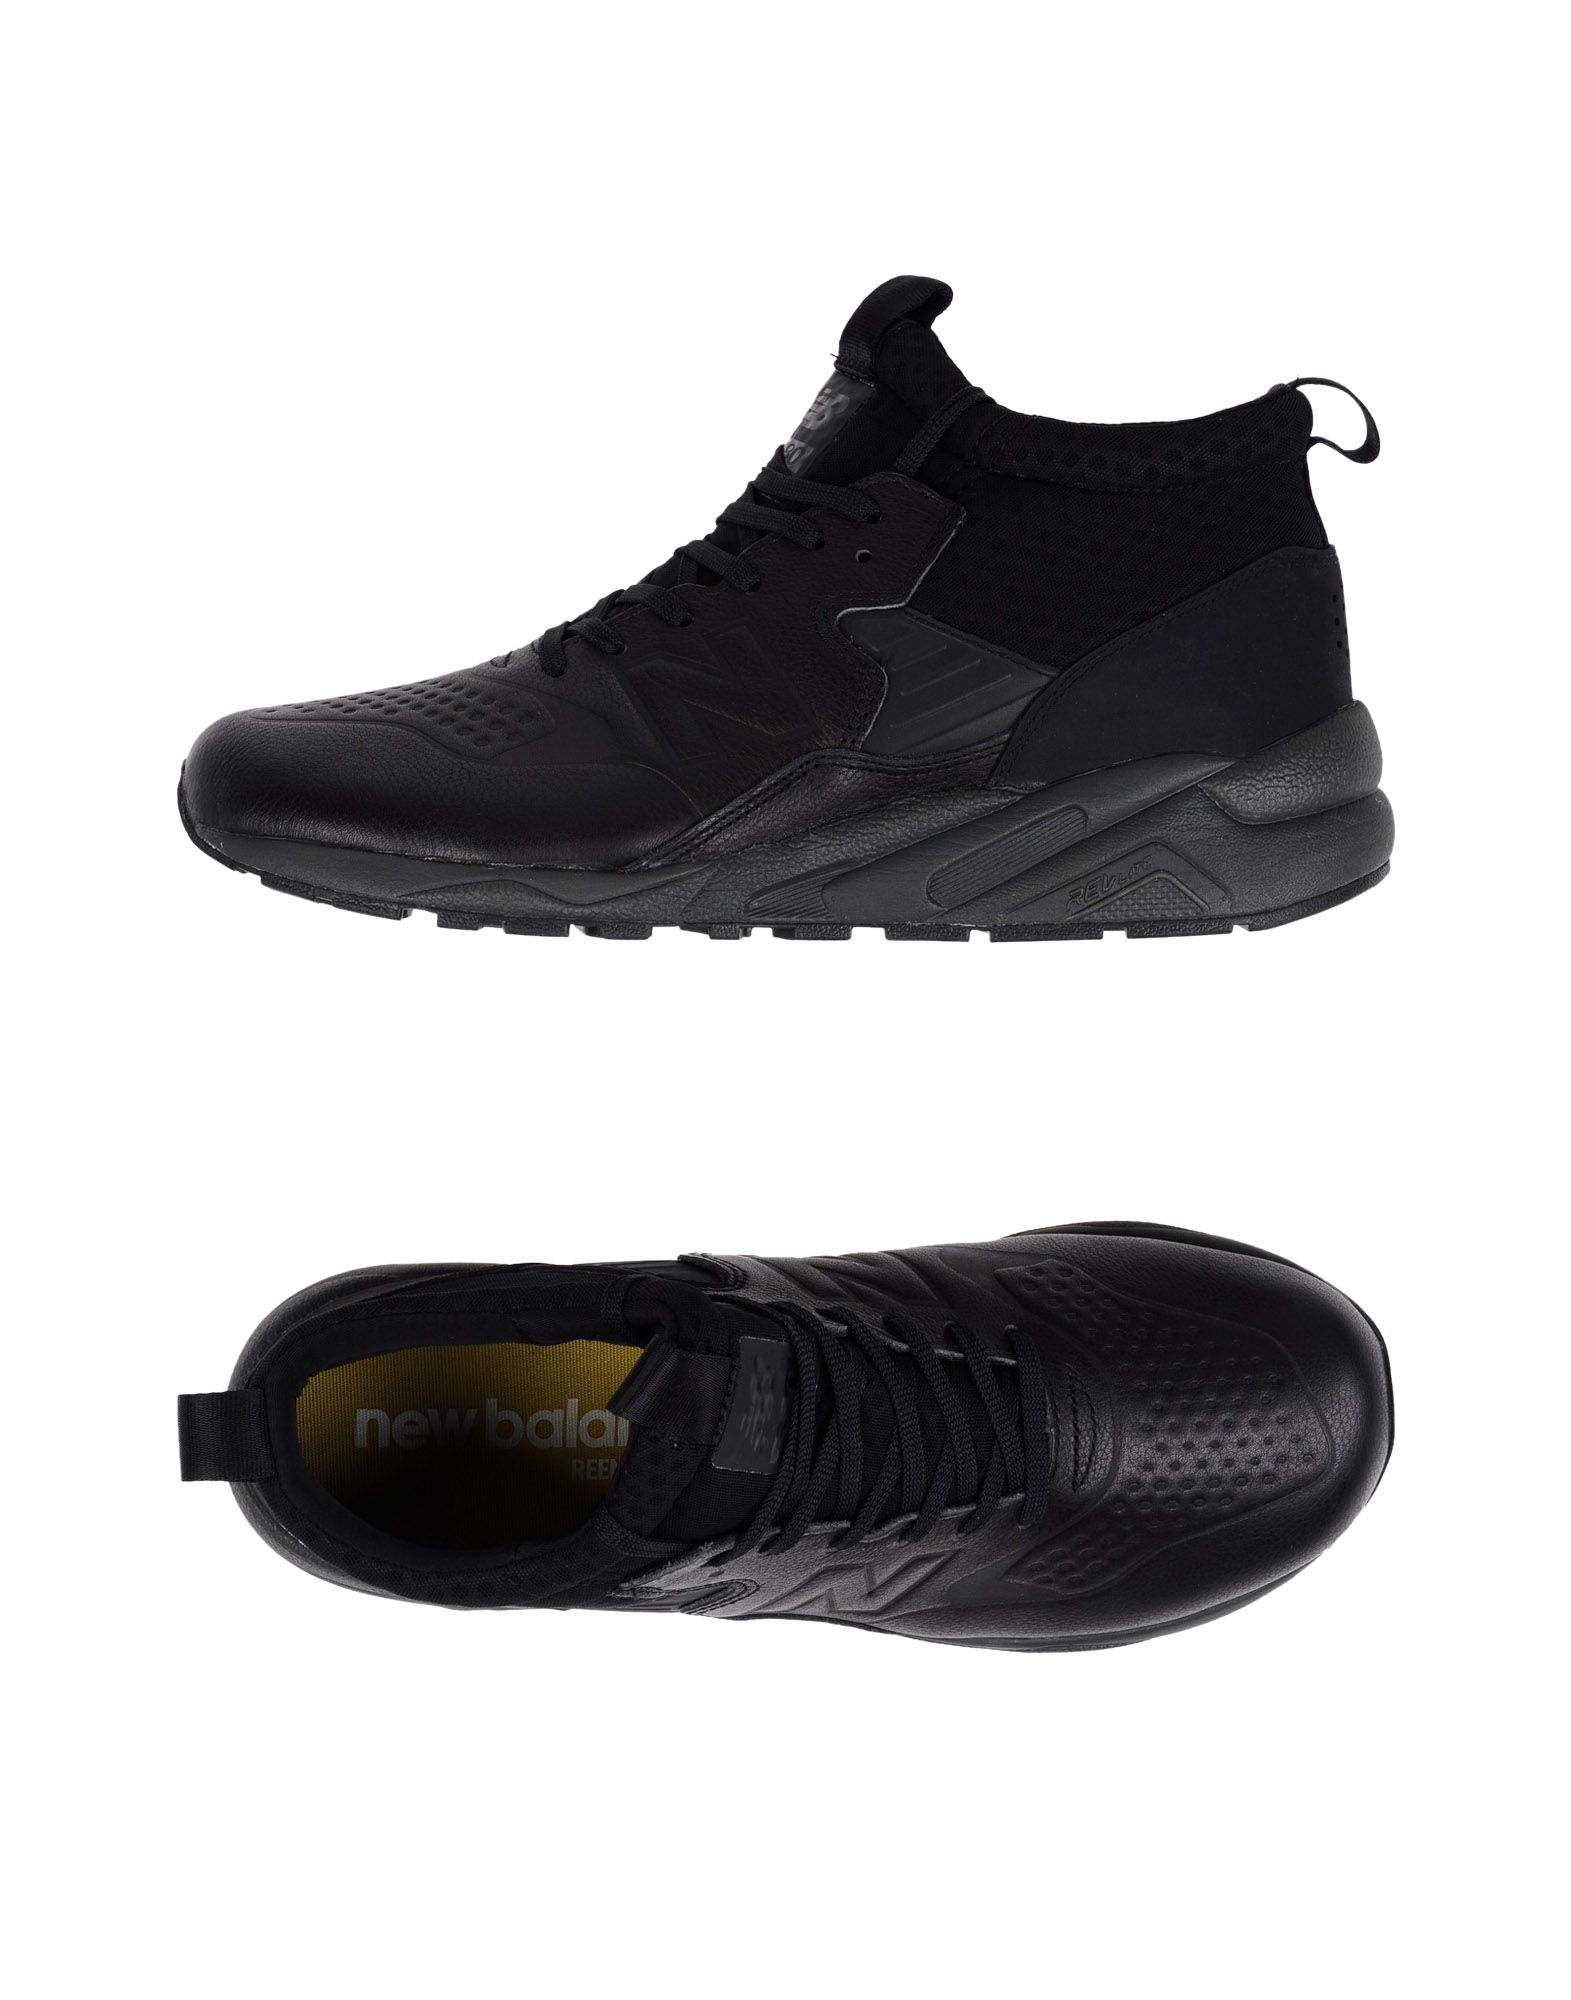 NEW BALANCE Высокие кеды и кроссовки new balance nb wrt580we 580 женских моделей спортивной обуви ретро обувь подушке кроссовки кроссовки us6 5 ярдов 37 ярдов